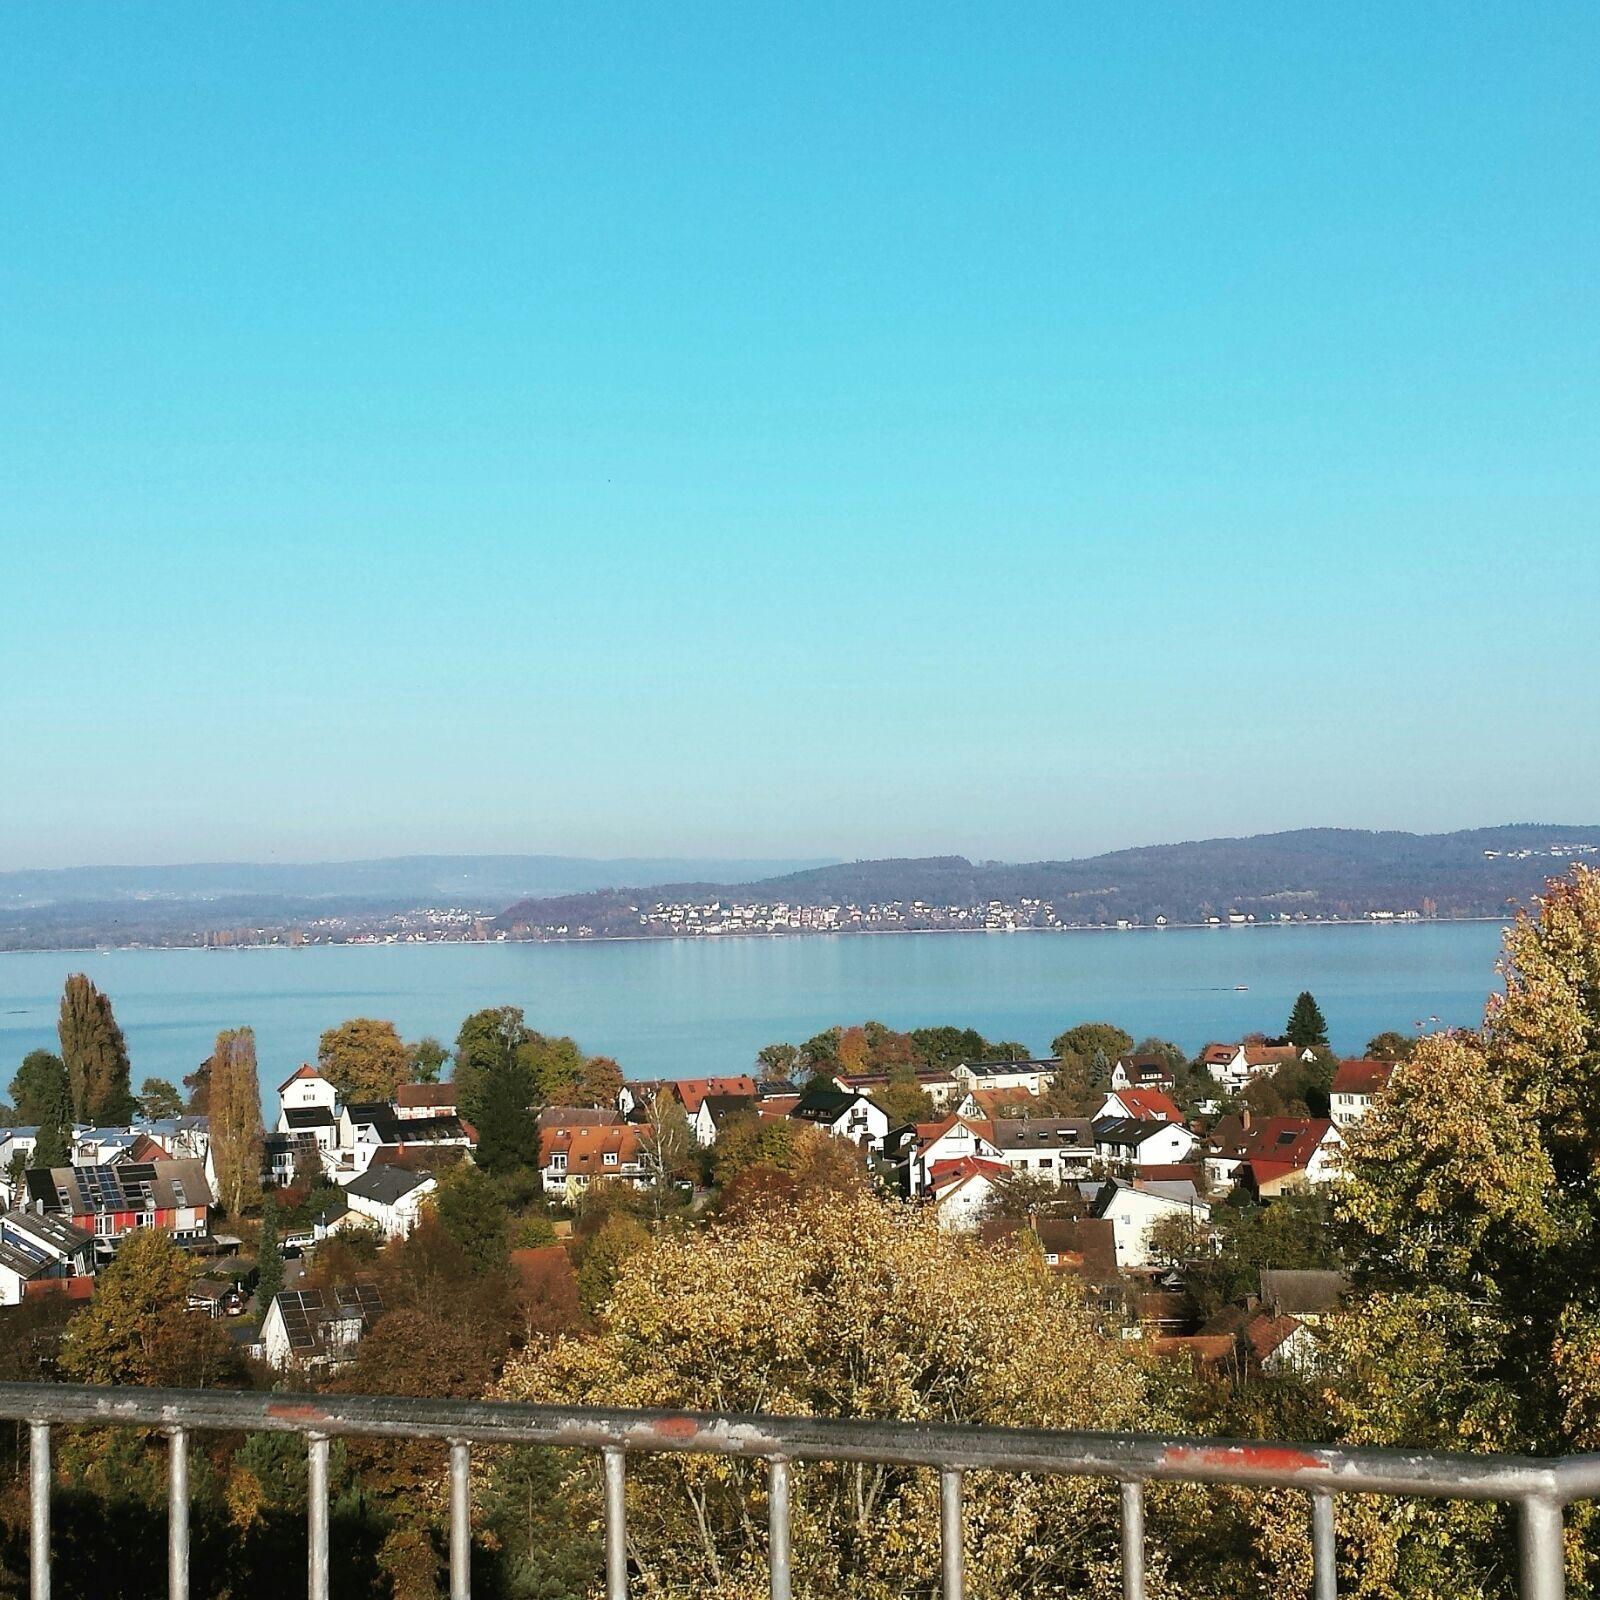 Het uitzicht vanuit de Menza op de Universiteit